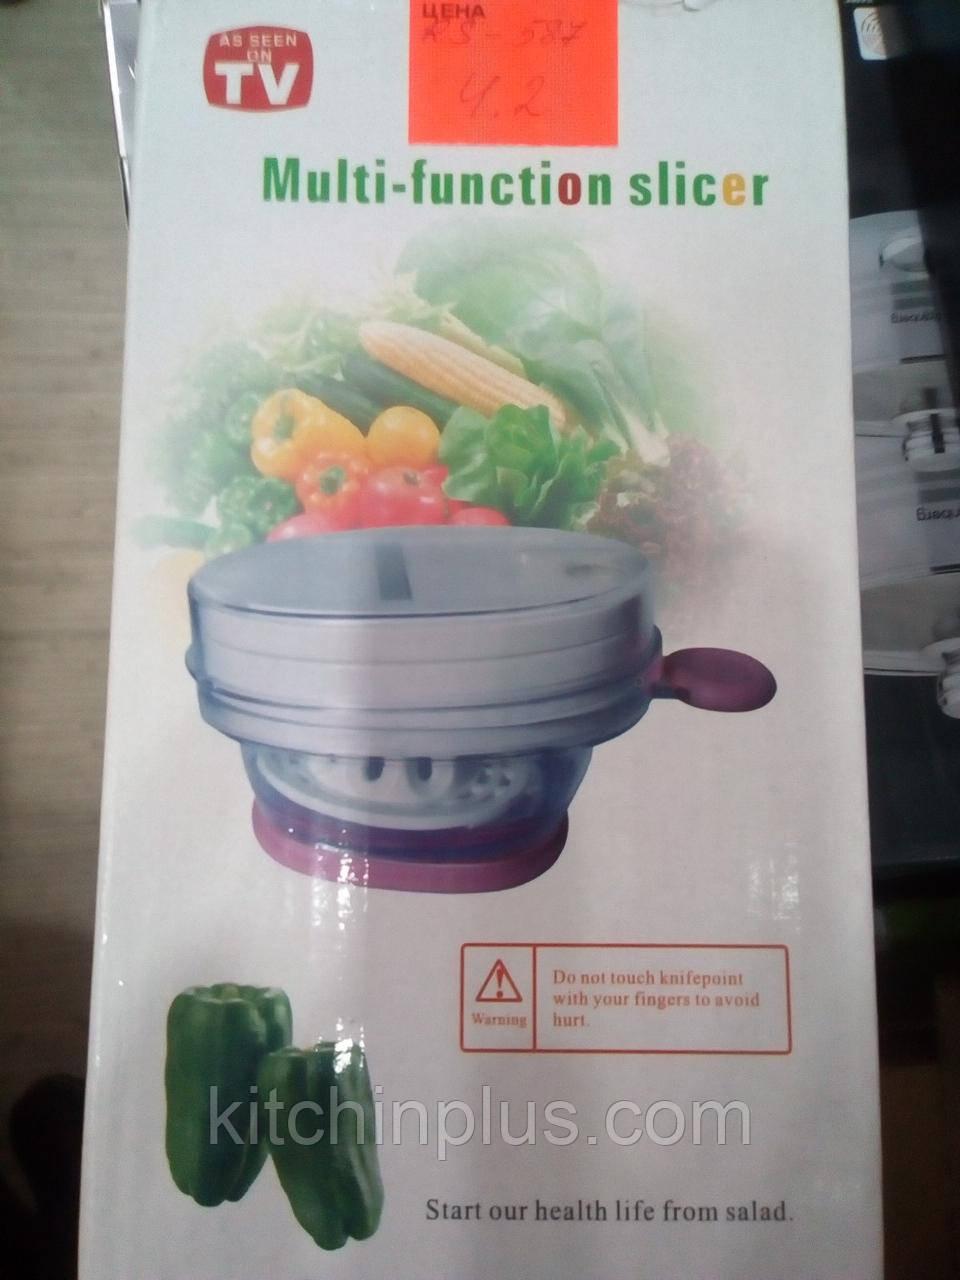 Многофункциональная терка-овощерезка multi-function slicer RS-587